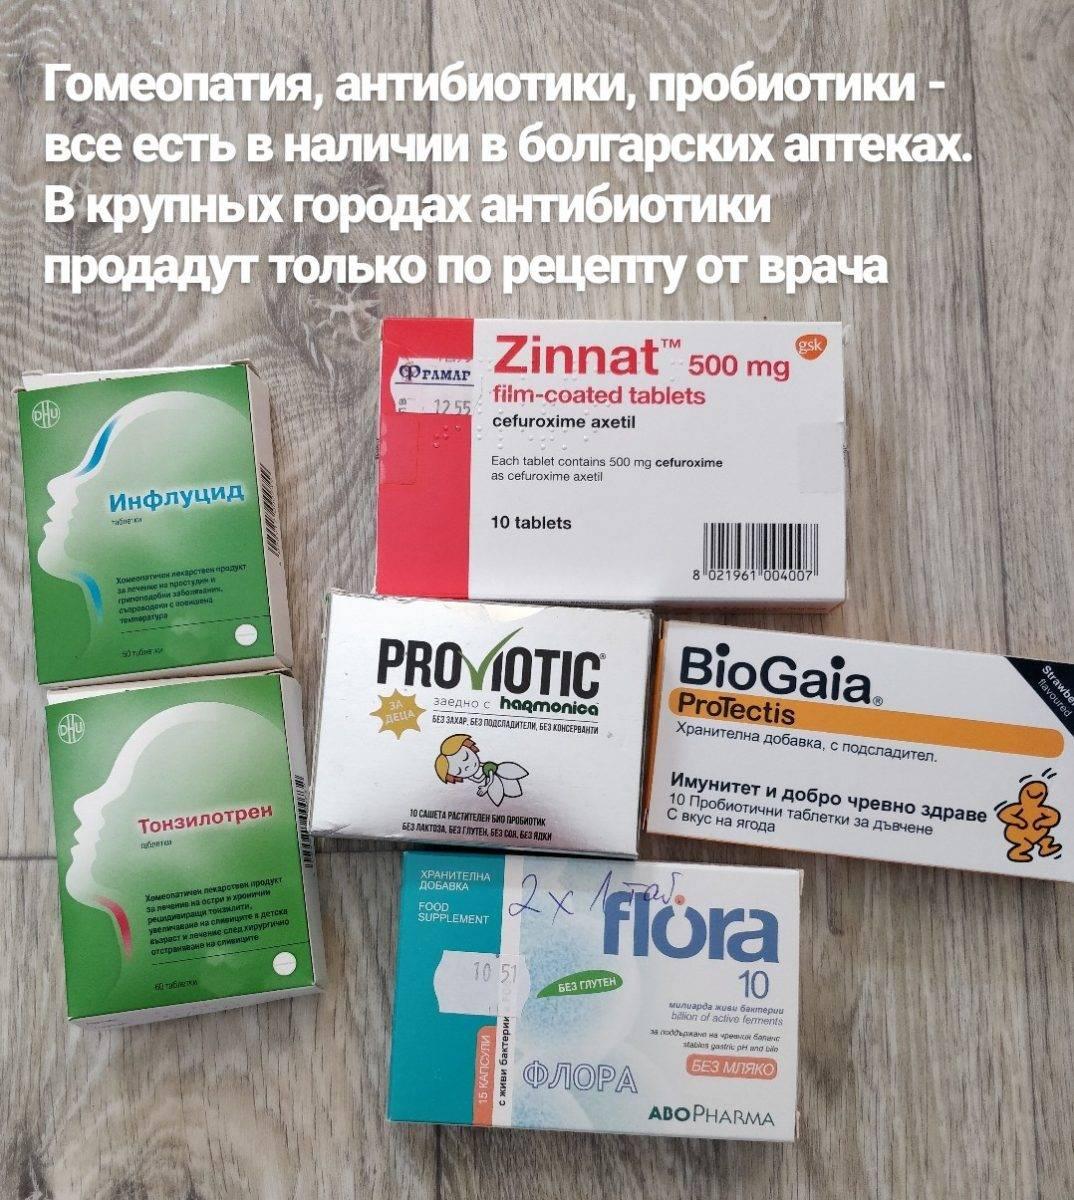 Что нужно знать при покупке лекарств? – напоправку